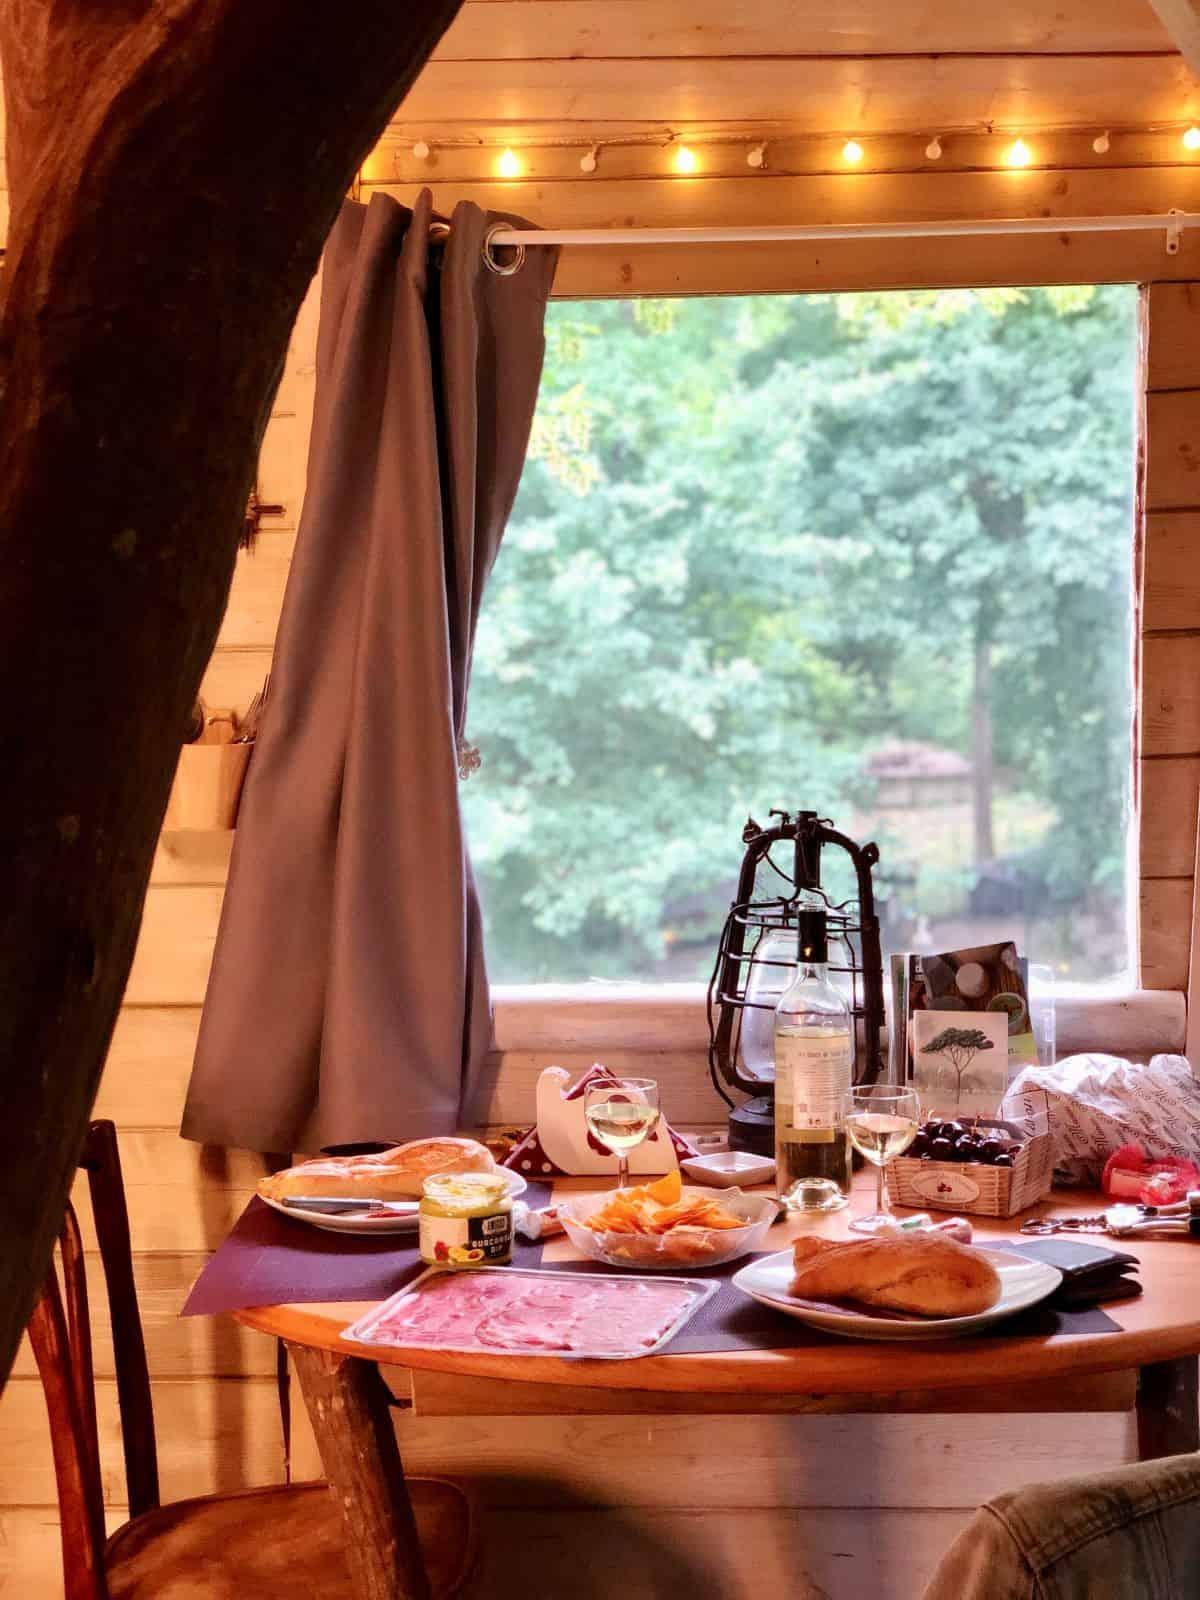 cabane-une-heure-paris-cabane-du-charme-diner